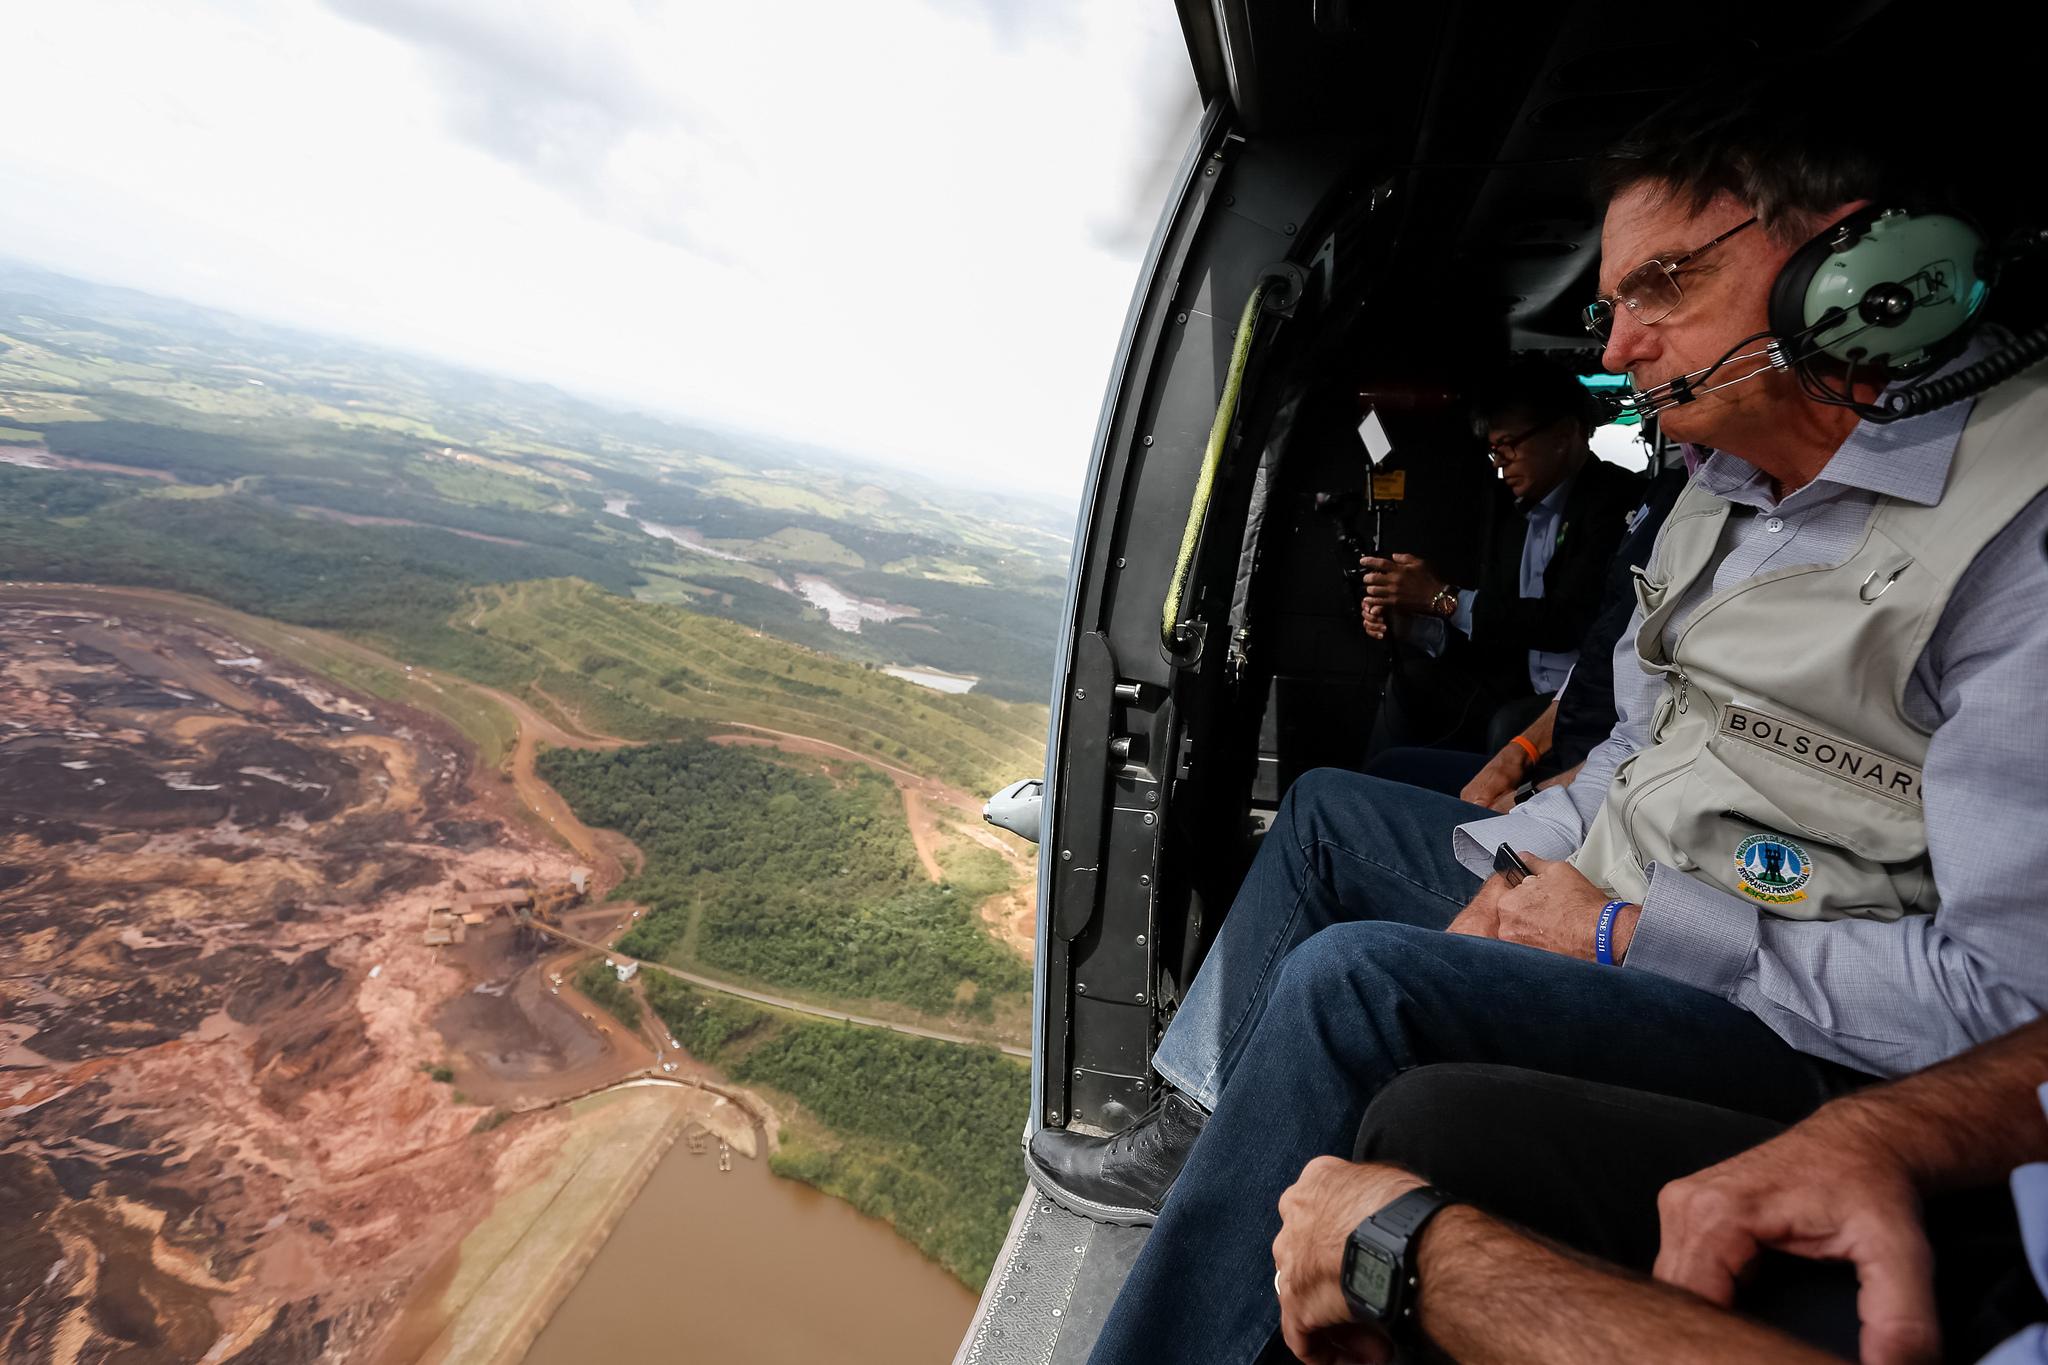 Janio de Freitas: Brumadinho e Bolsonaro, tragédias permitidas por falta de fiscalizações rigorosas do Judiciário e Forças Armadas